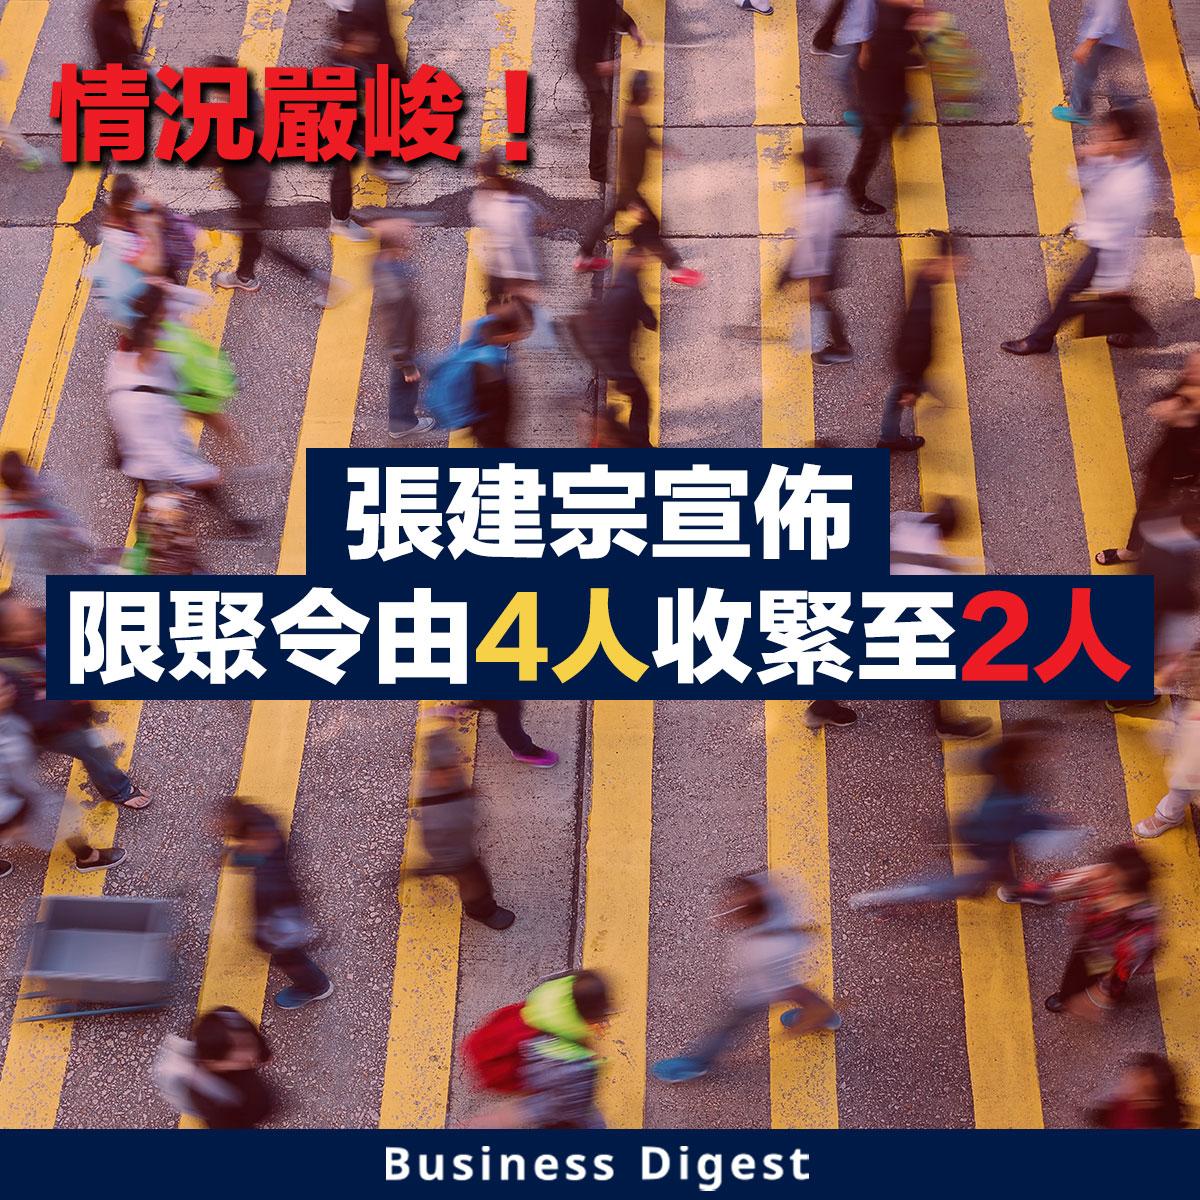 【經濟大事件】限聚令由4人收緊至2人